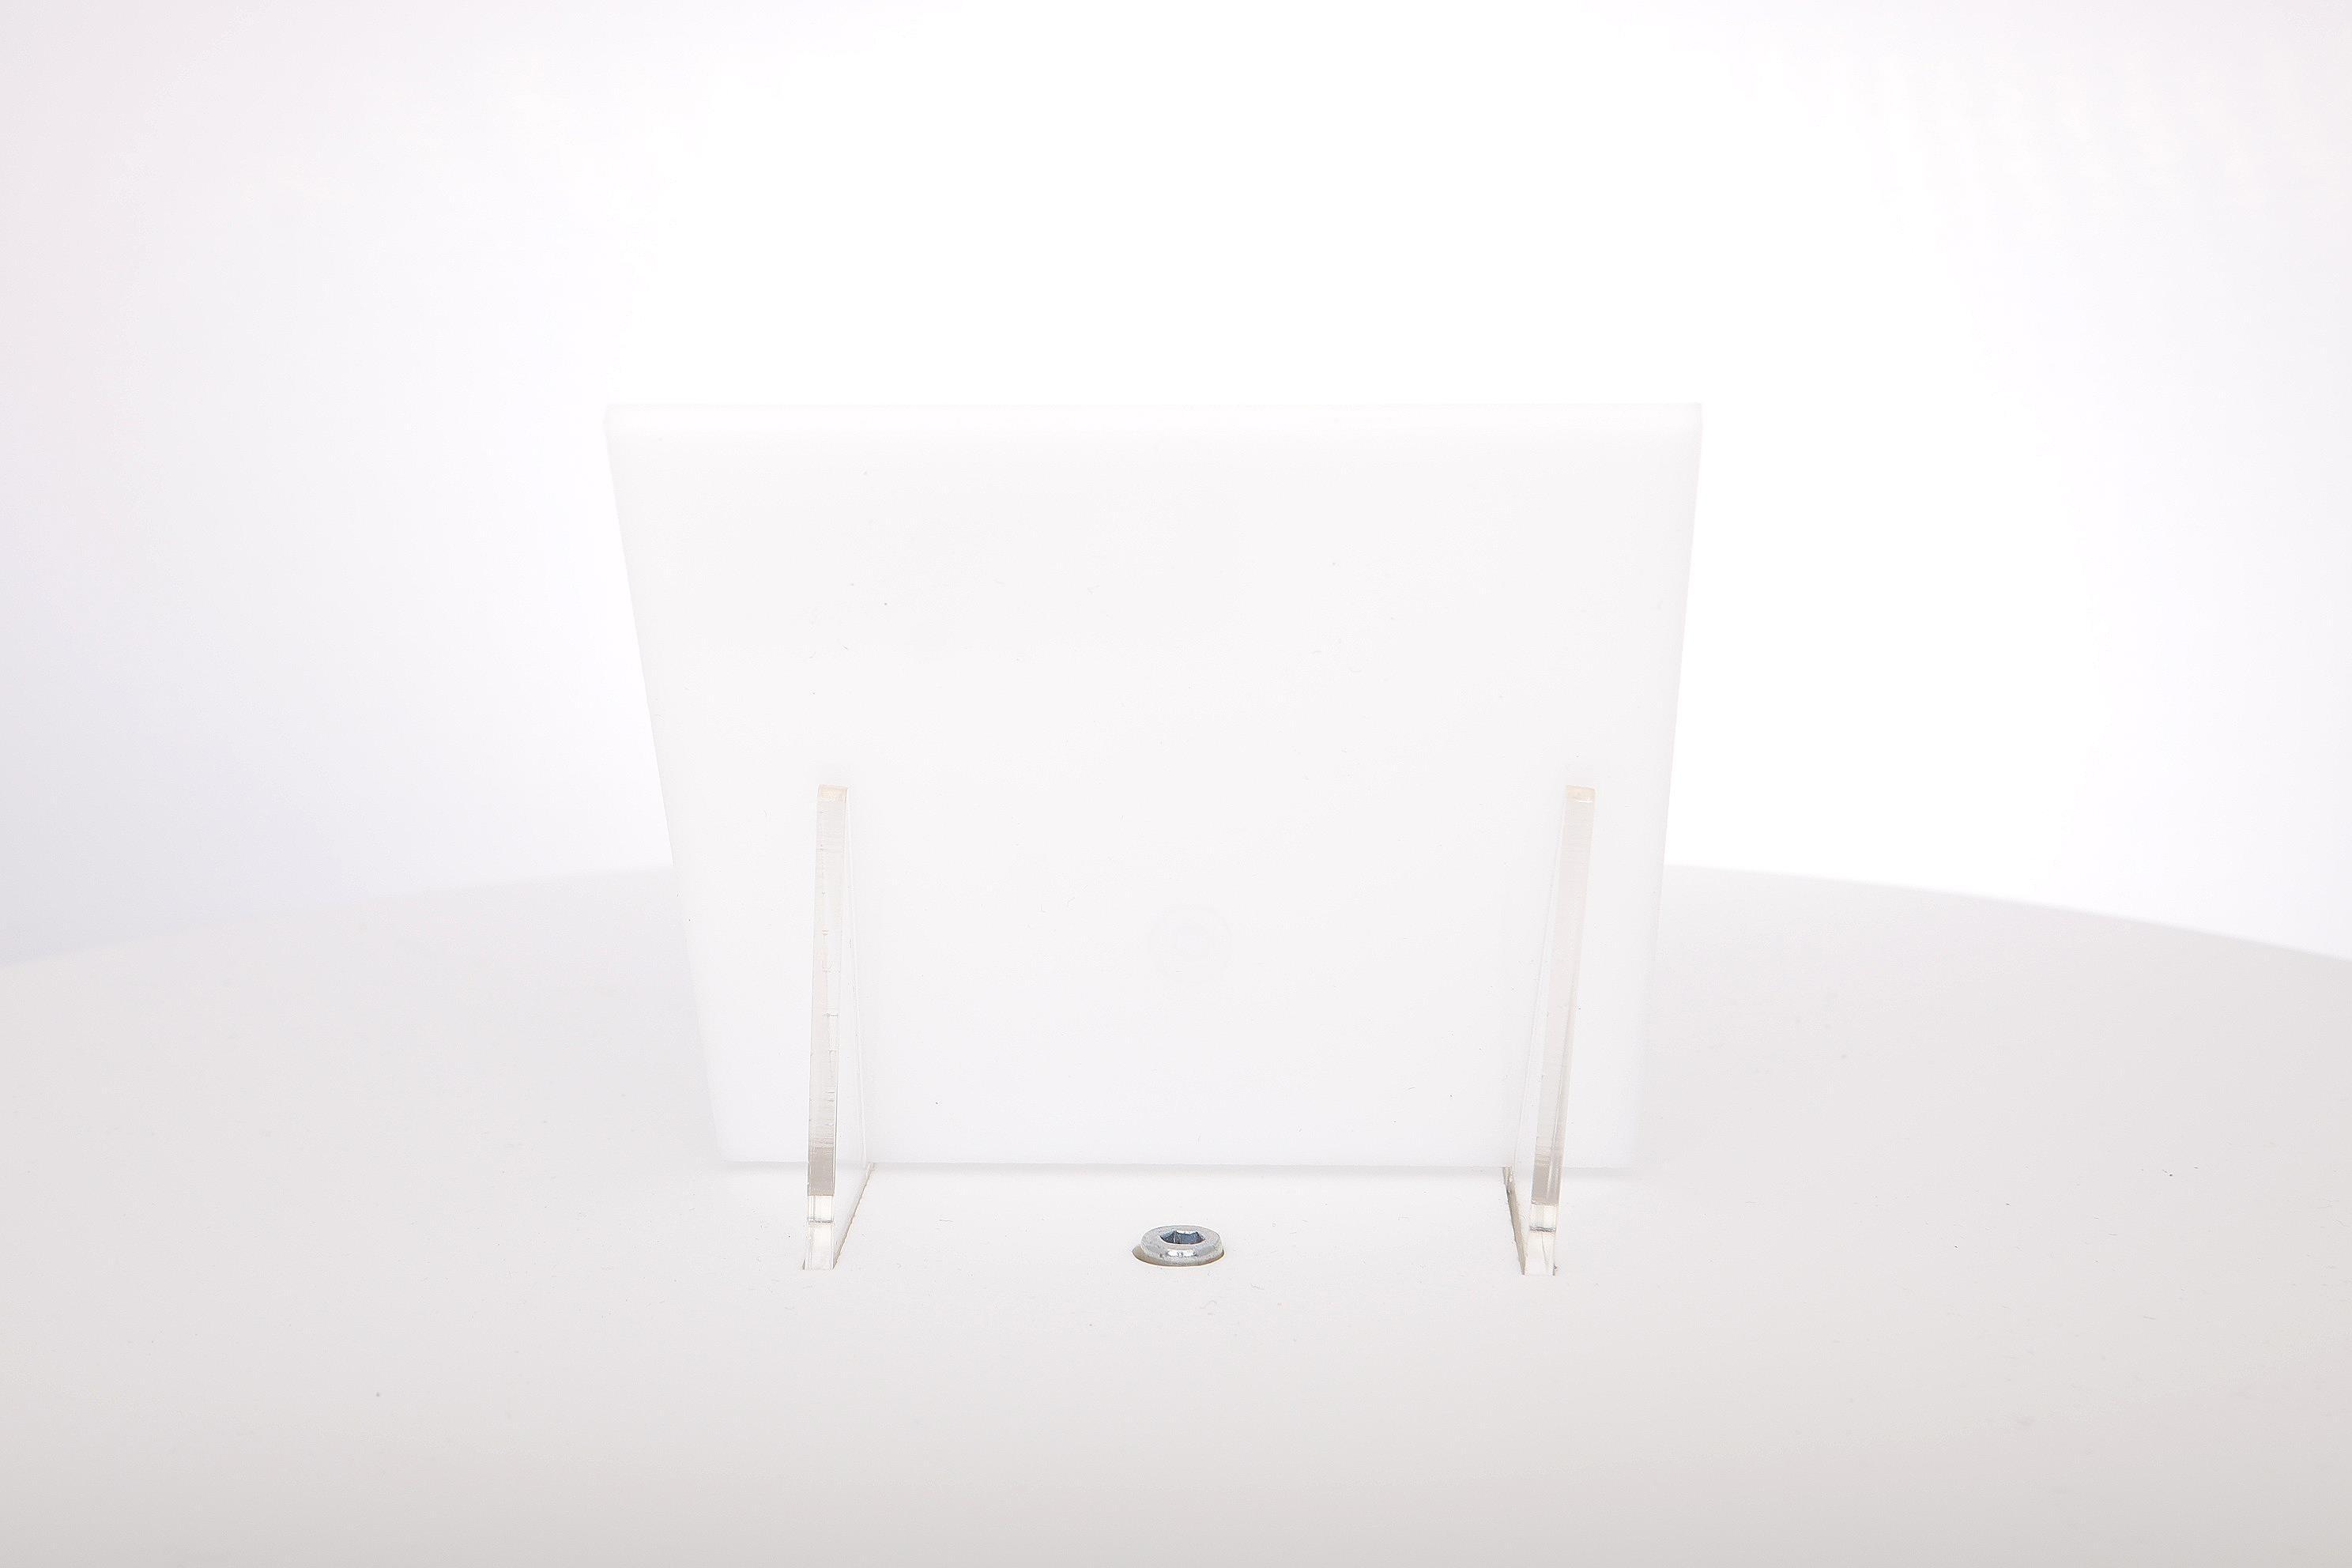 acrylaat plaat melkwit AC02